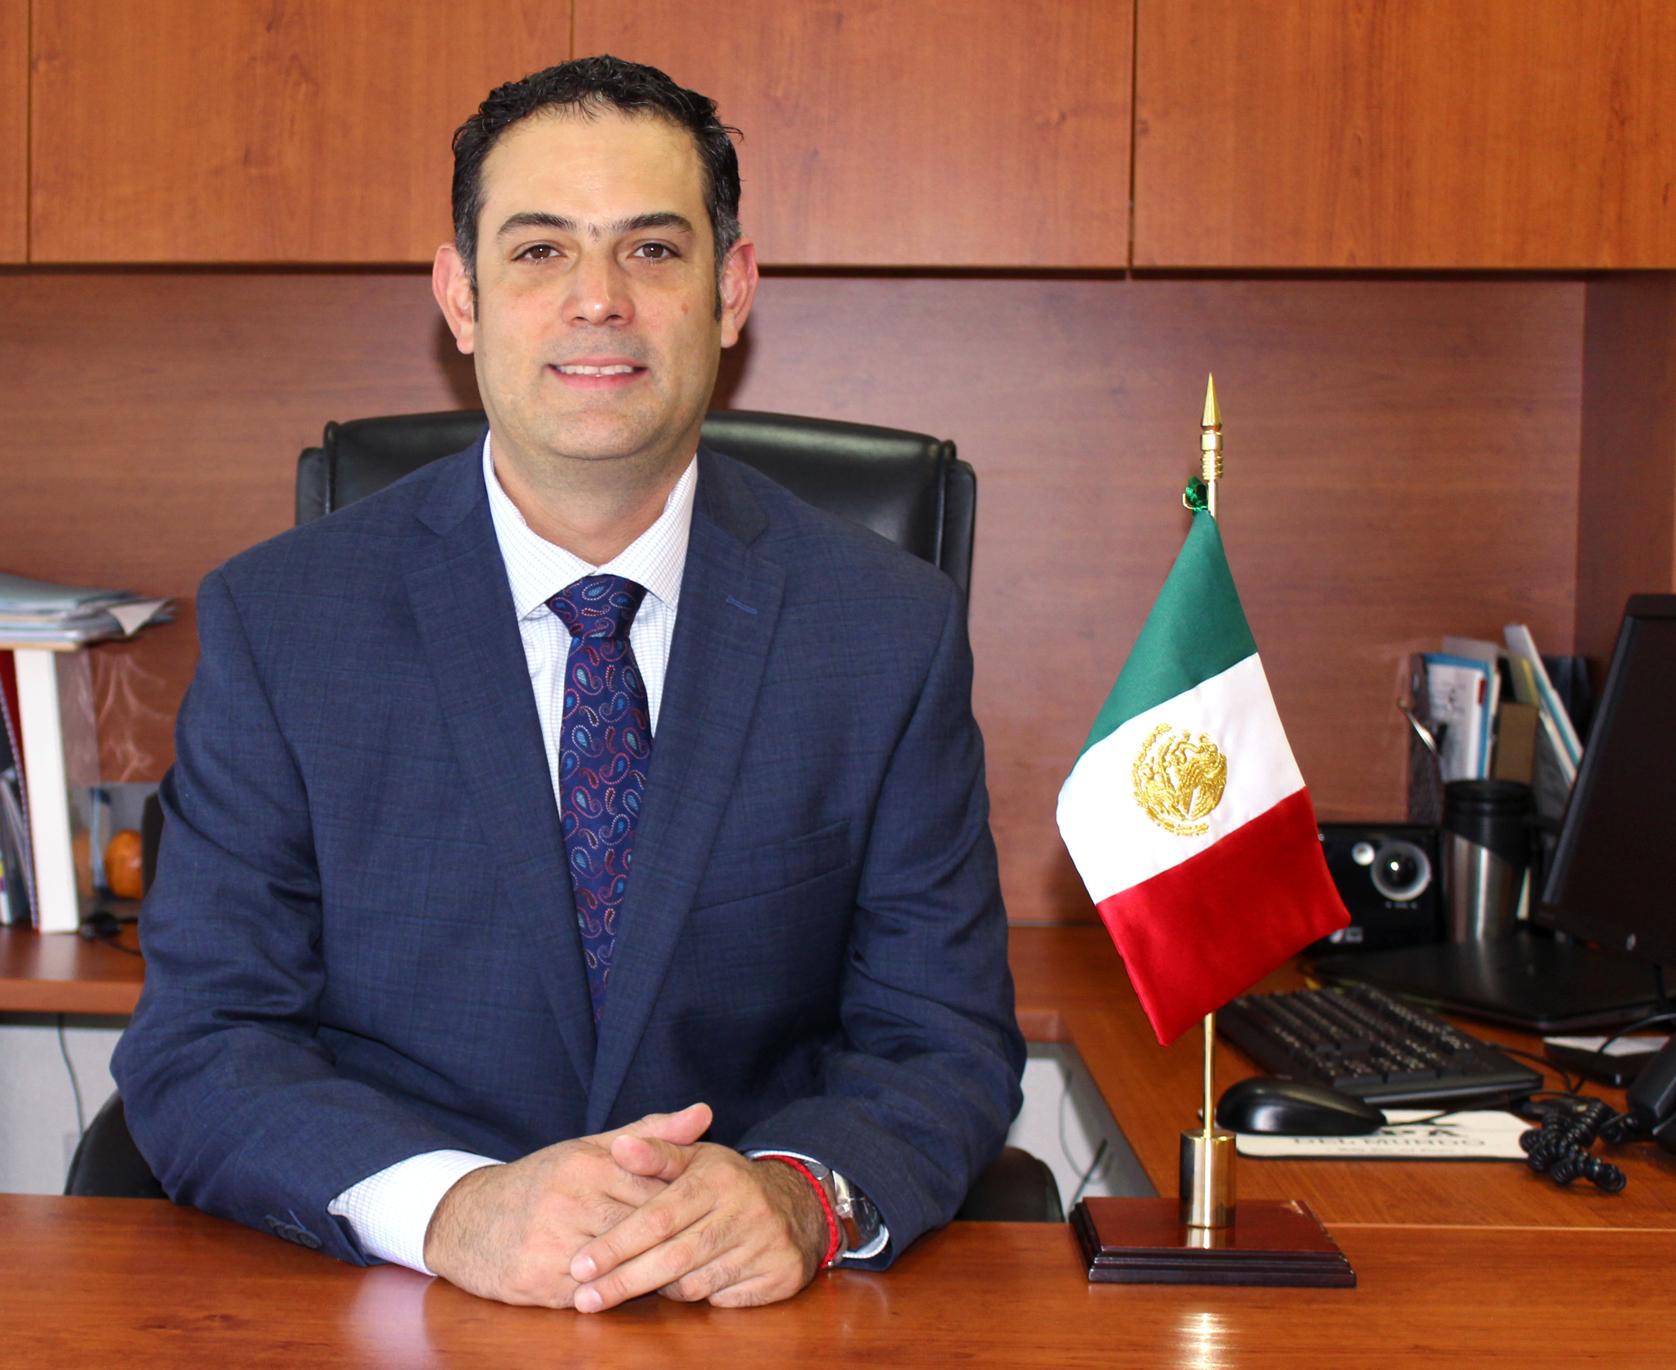 Hector Alonso Díaz Ezquerra